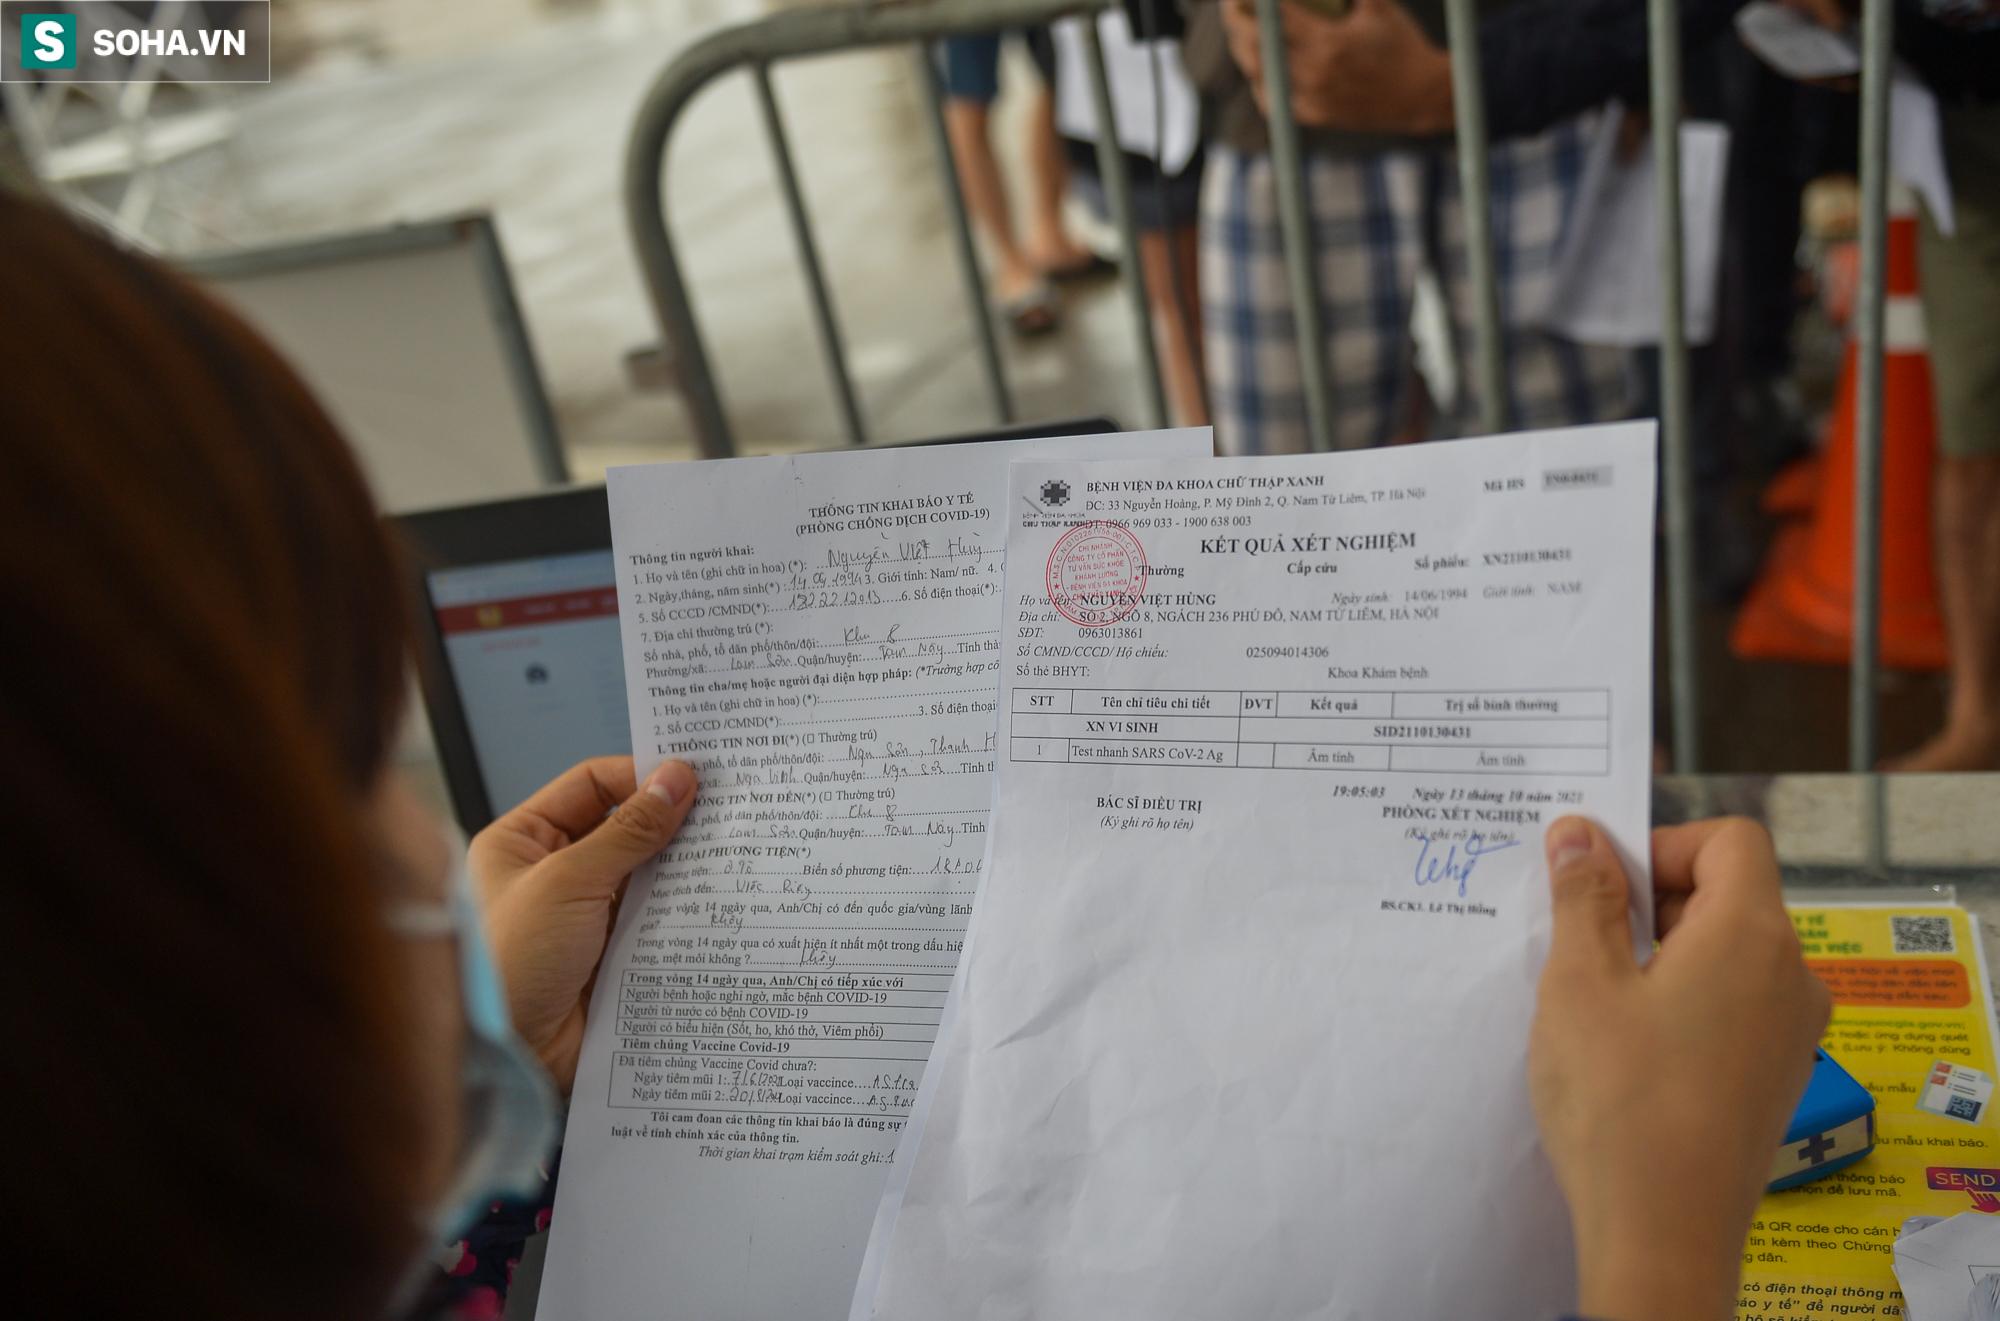 Nhiều tài xế phải quay đầu ở chốt cửa ngõ Hà Nội vì không có giấy xét nghiệm Covid-19 - Ảnh 9.